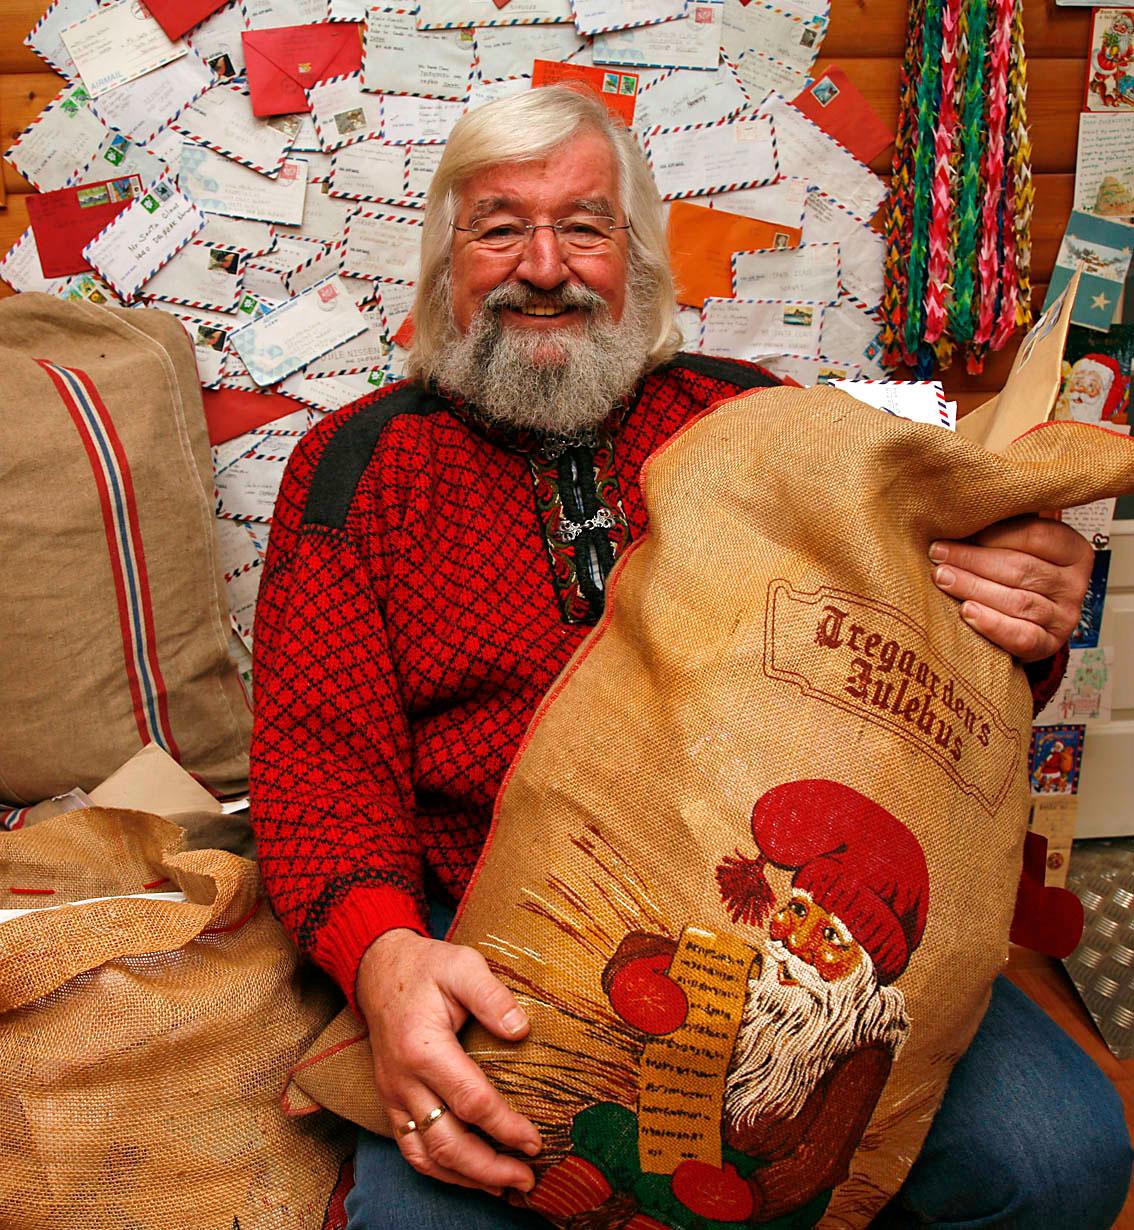 Bildet av Julenissen og tekst om Julenissens postkontor er hentet fra: www.visitdrobak.no/